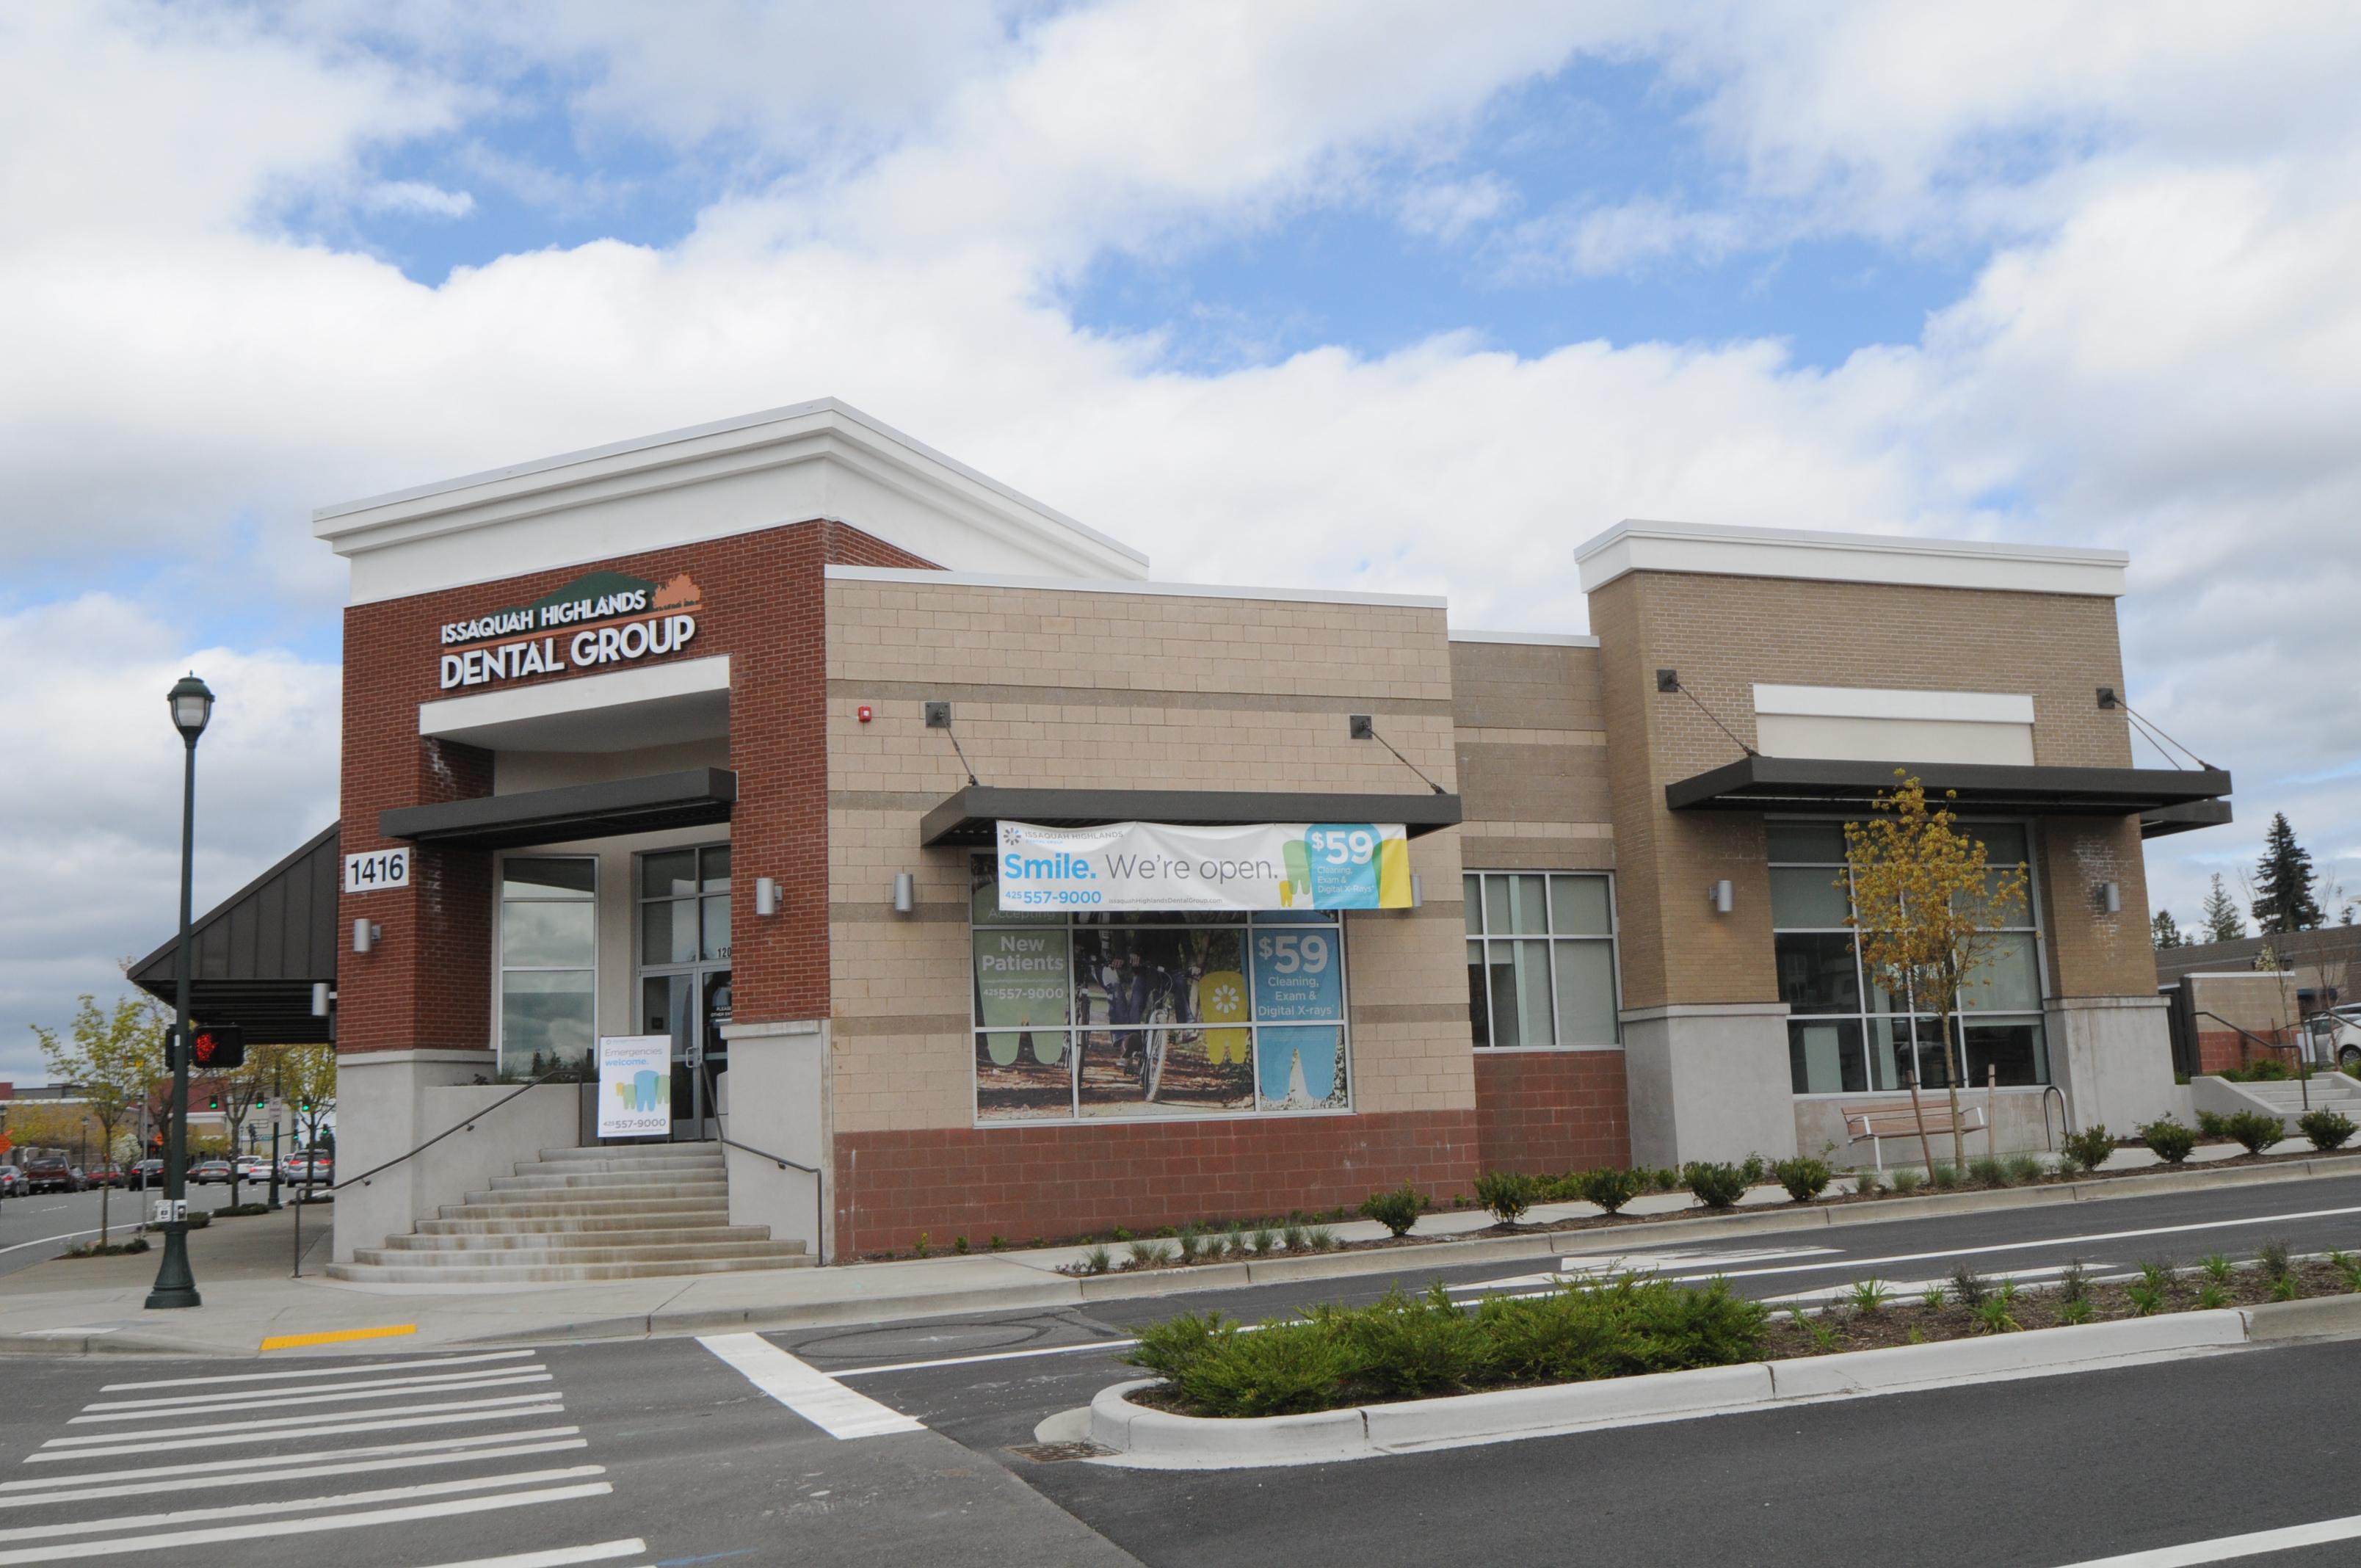 Issaquah Highlands Dental Group image 18